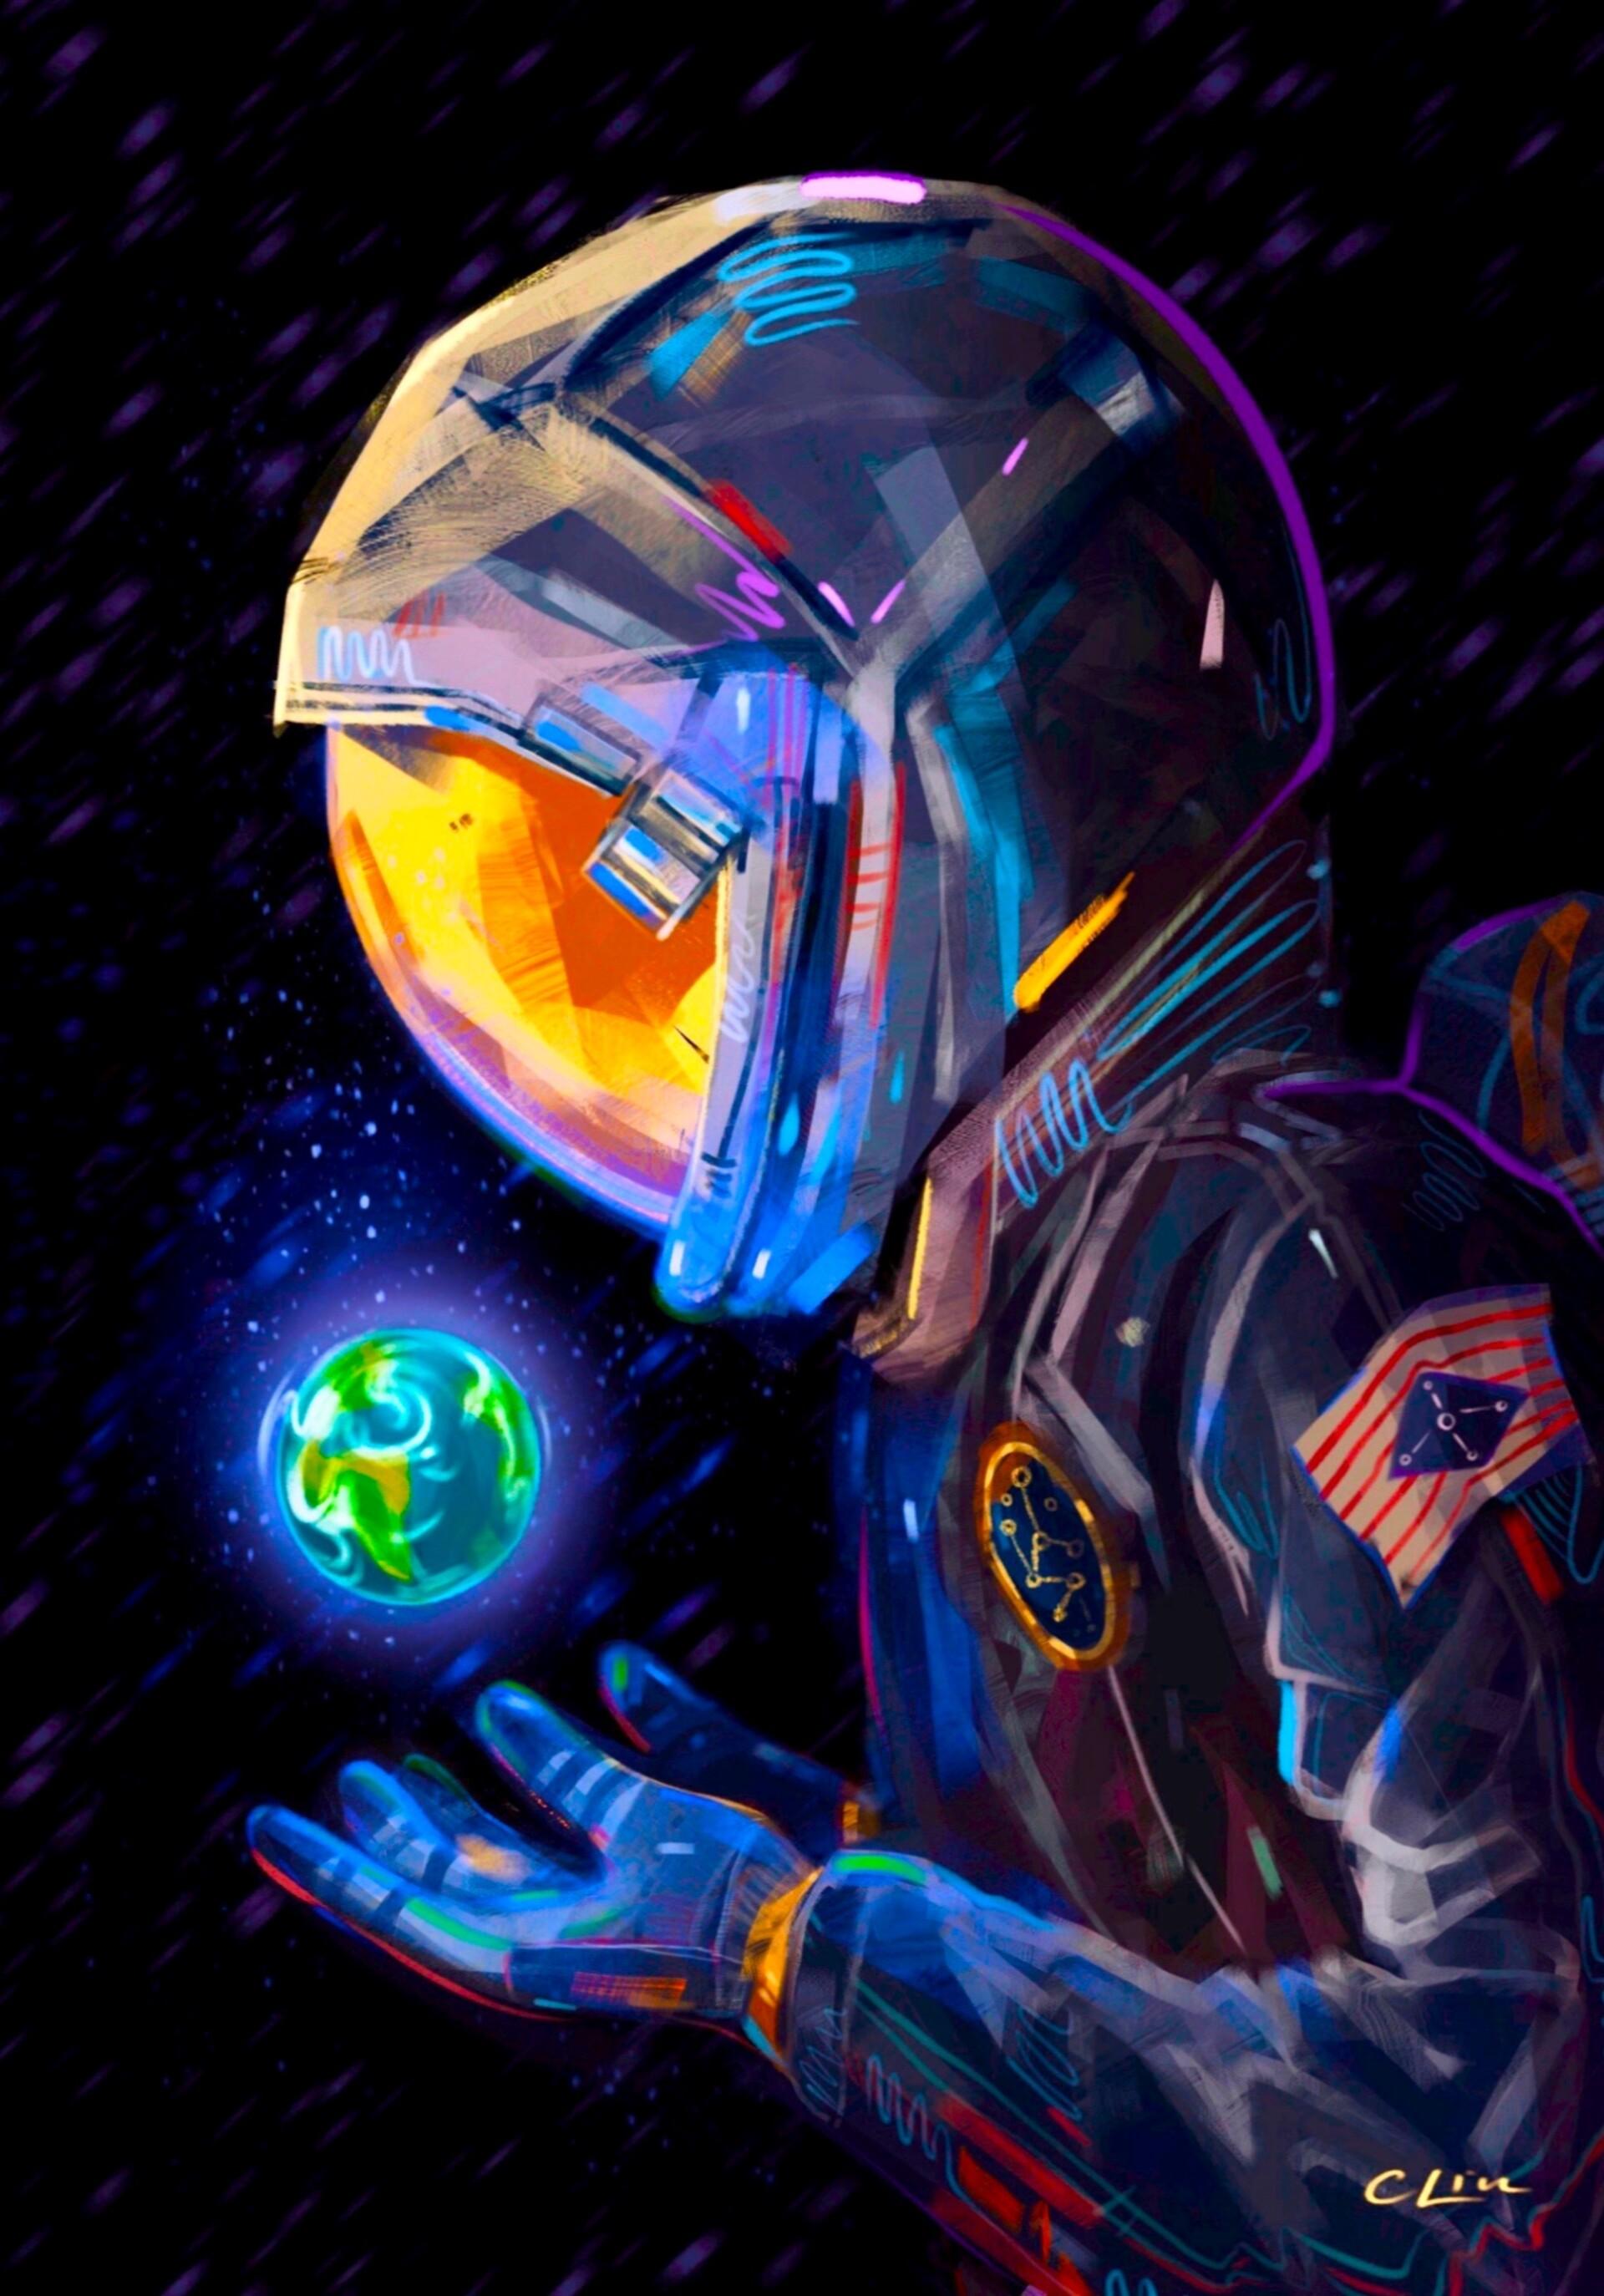 65847 скачать обои Планета, Космонавт, Арт, Земля, Скафандр - заставки и картинки бесплатно